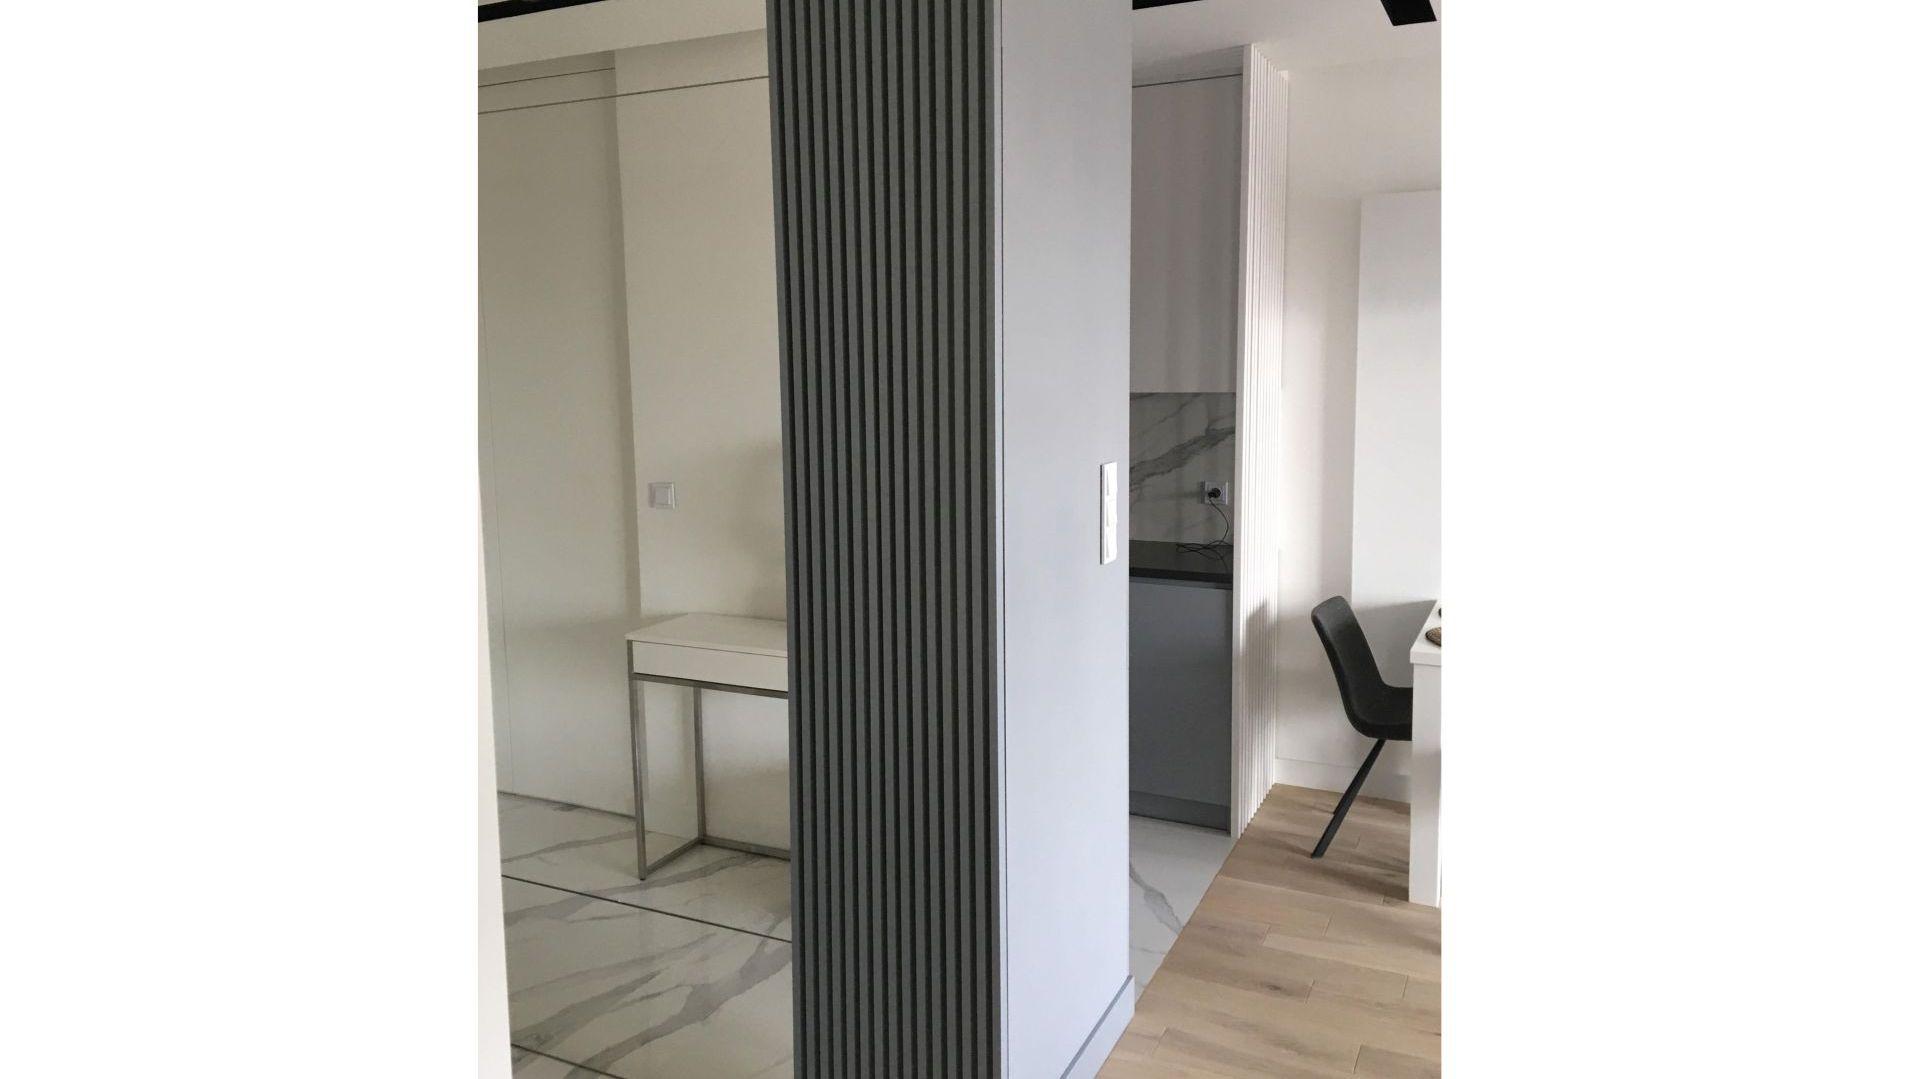 W nowoczesny, minimalistyczny wystrój wnętrza doskonale wpisuje się dobrane przez architektów oświetlenie. Projekt: Sztyblewicz Architekci. Fot. AQForm